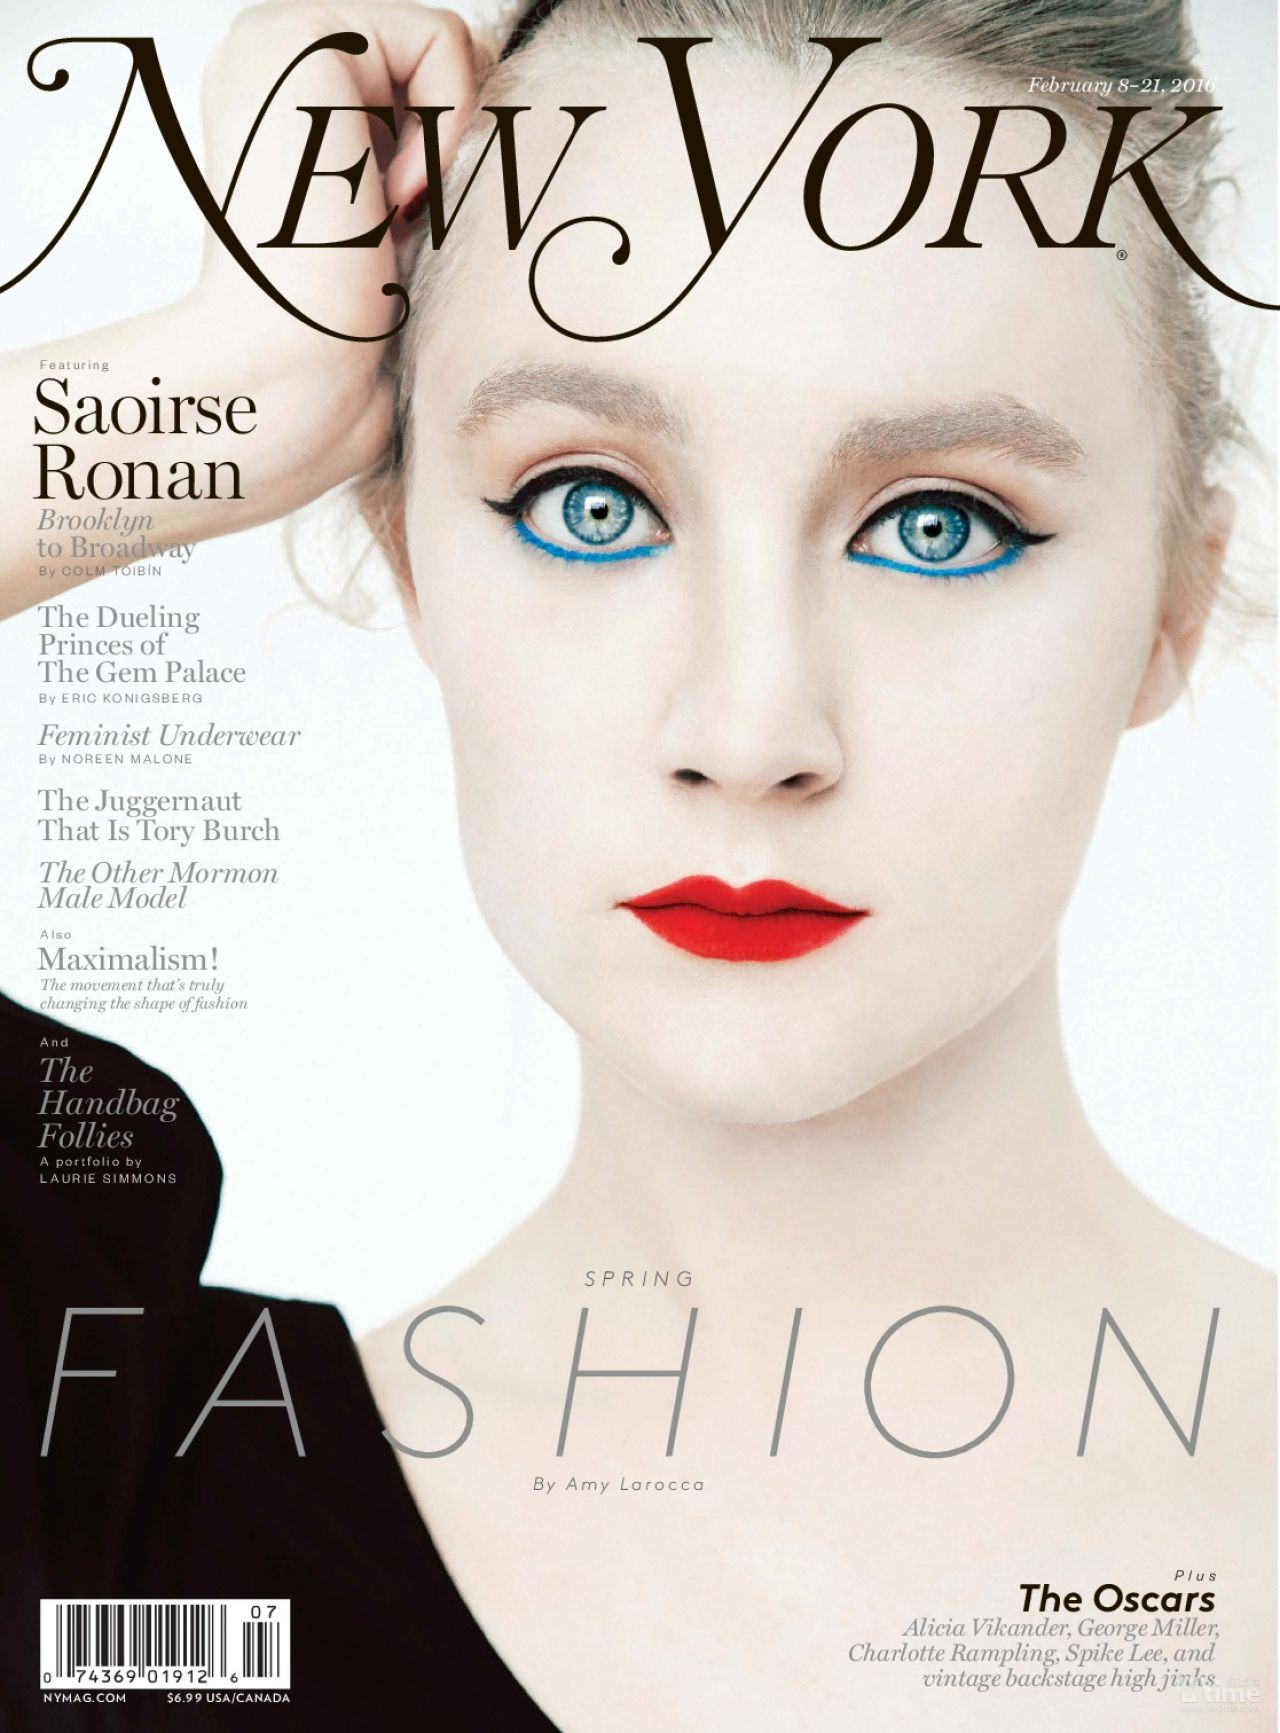 西尔莎·罗南近日登上了最新一期《New York》时尚杂志封面,以一袭复古造型展示了不同以往别样的美,在今年奥斯卡《布鲁克林》中罗南展示的是50年代美式小清新的复古,而这组大片所展示的则是白发、红唇、蓝色碧眼造型,眼神犀利而又厚度。